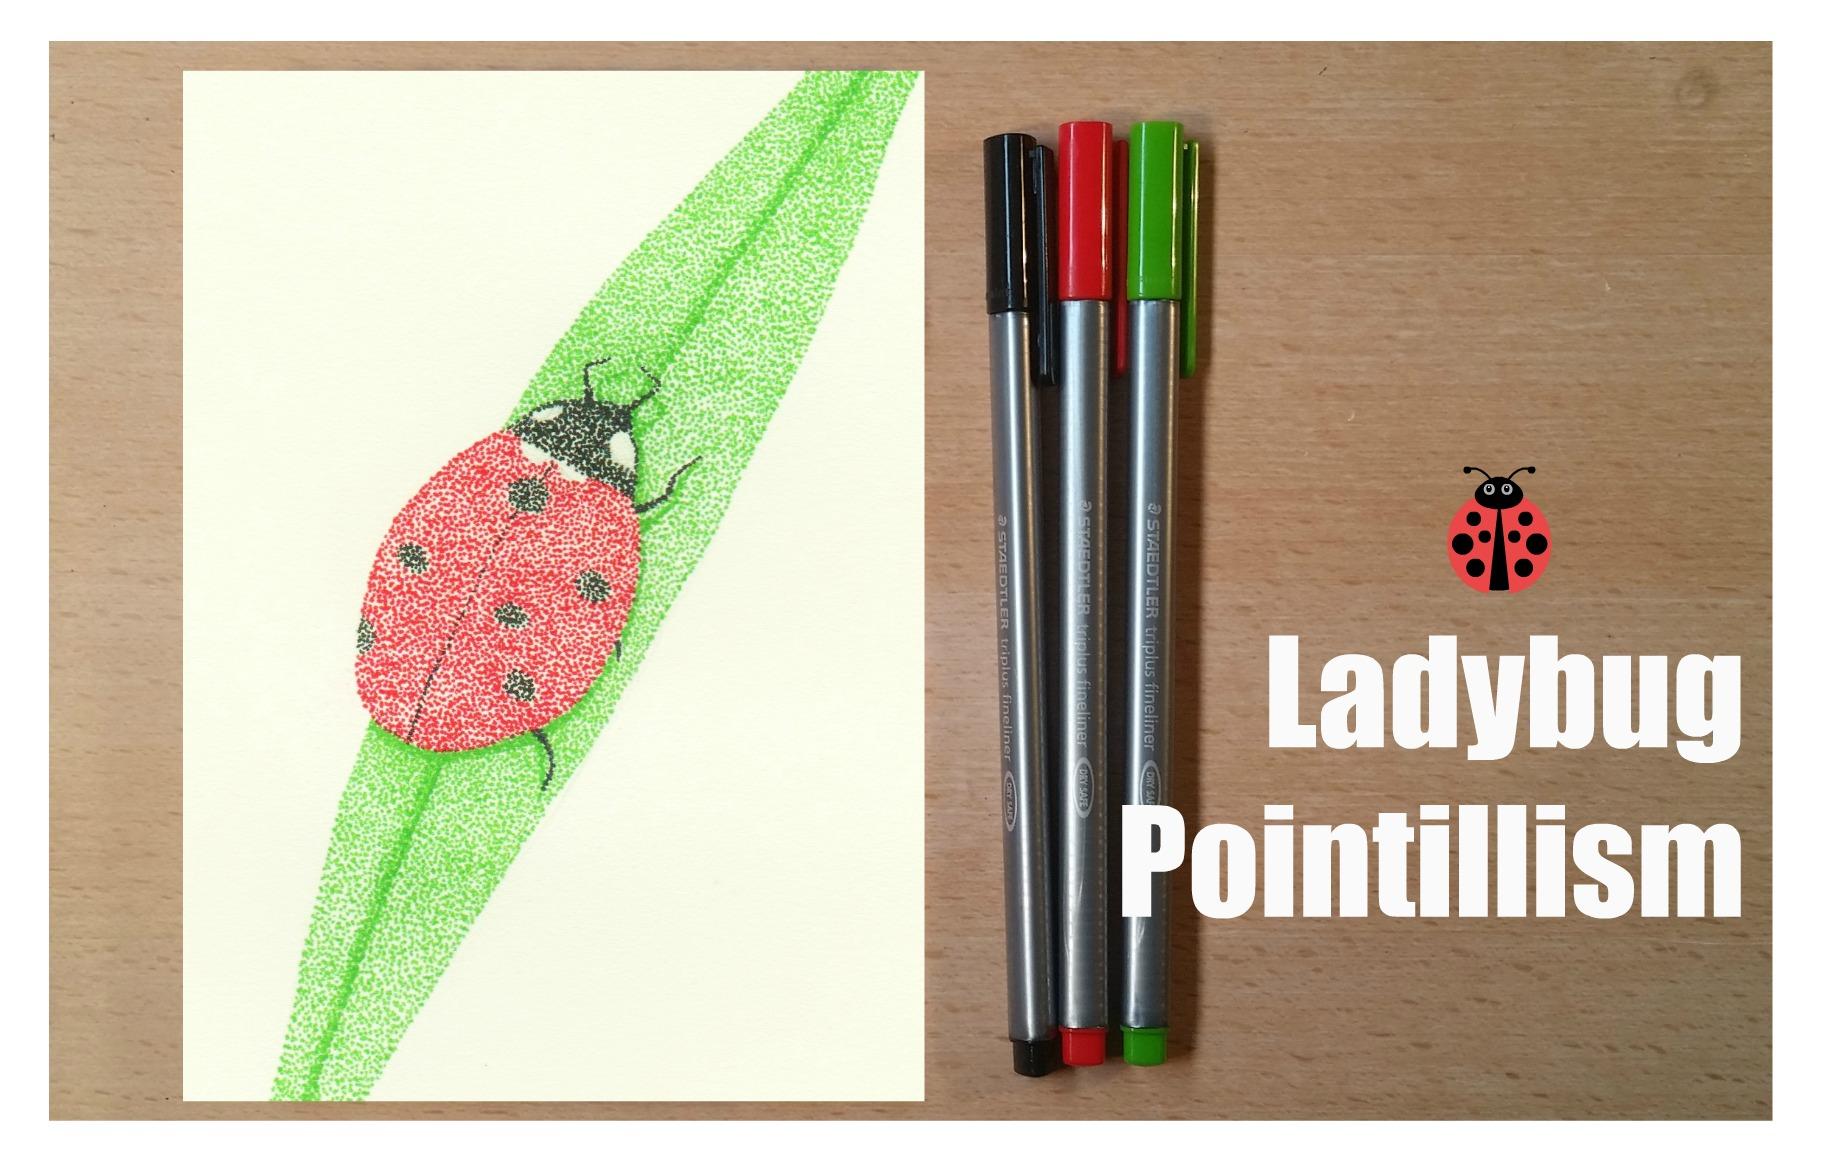 ladybug youtube